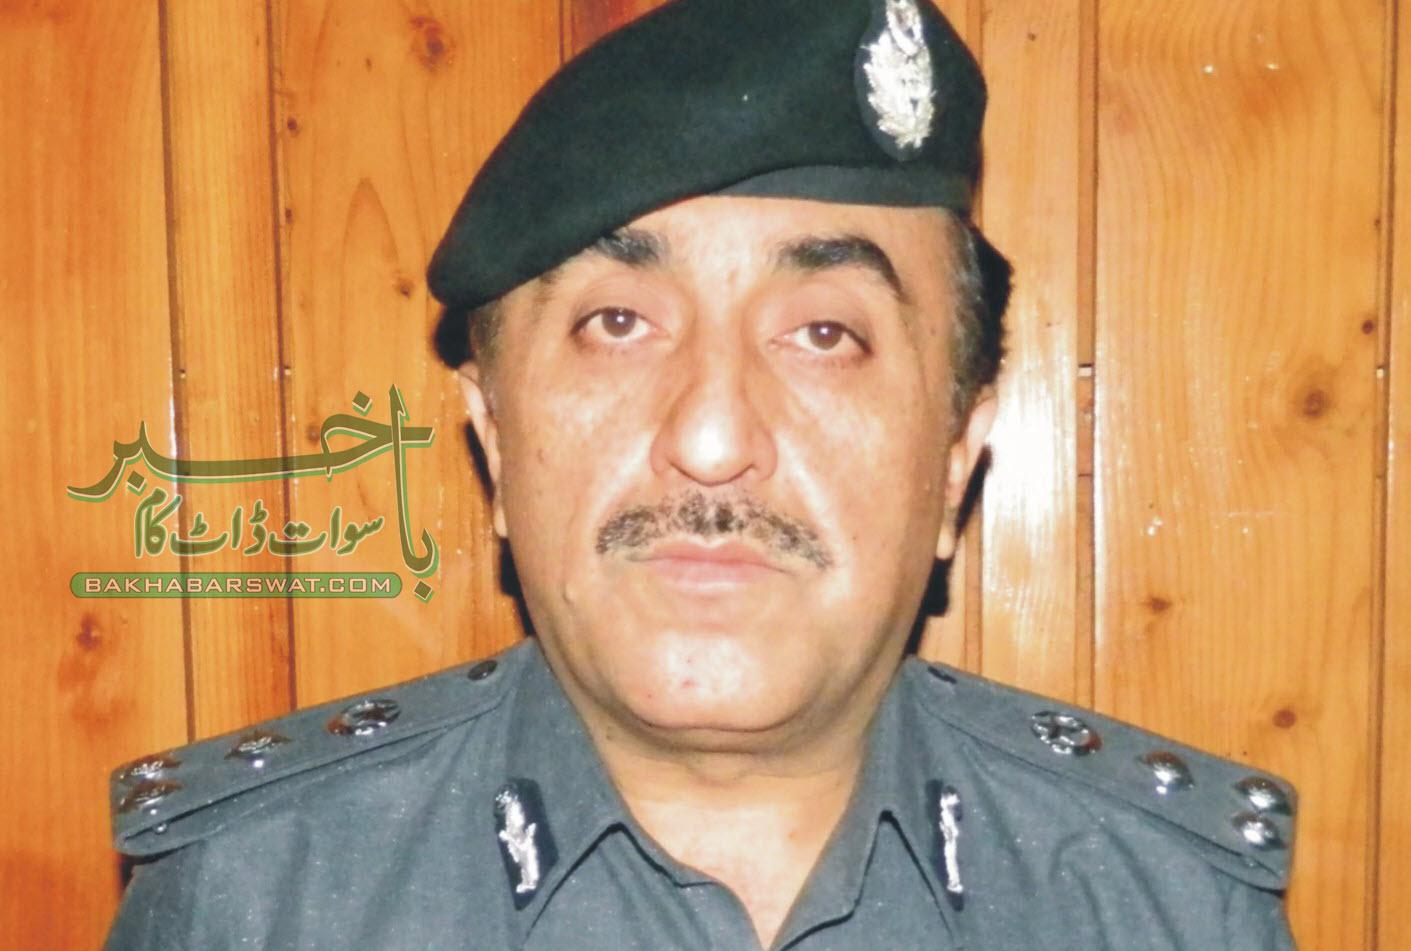 پولیس فورس کی عزت پر دھبا لگانے والوں سے باز پرس ہو گی، آر پی او ملاکنڈ ڈویژن